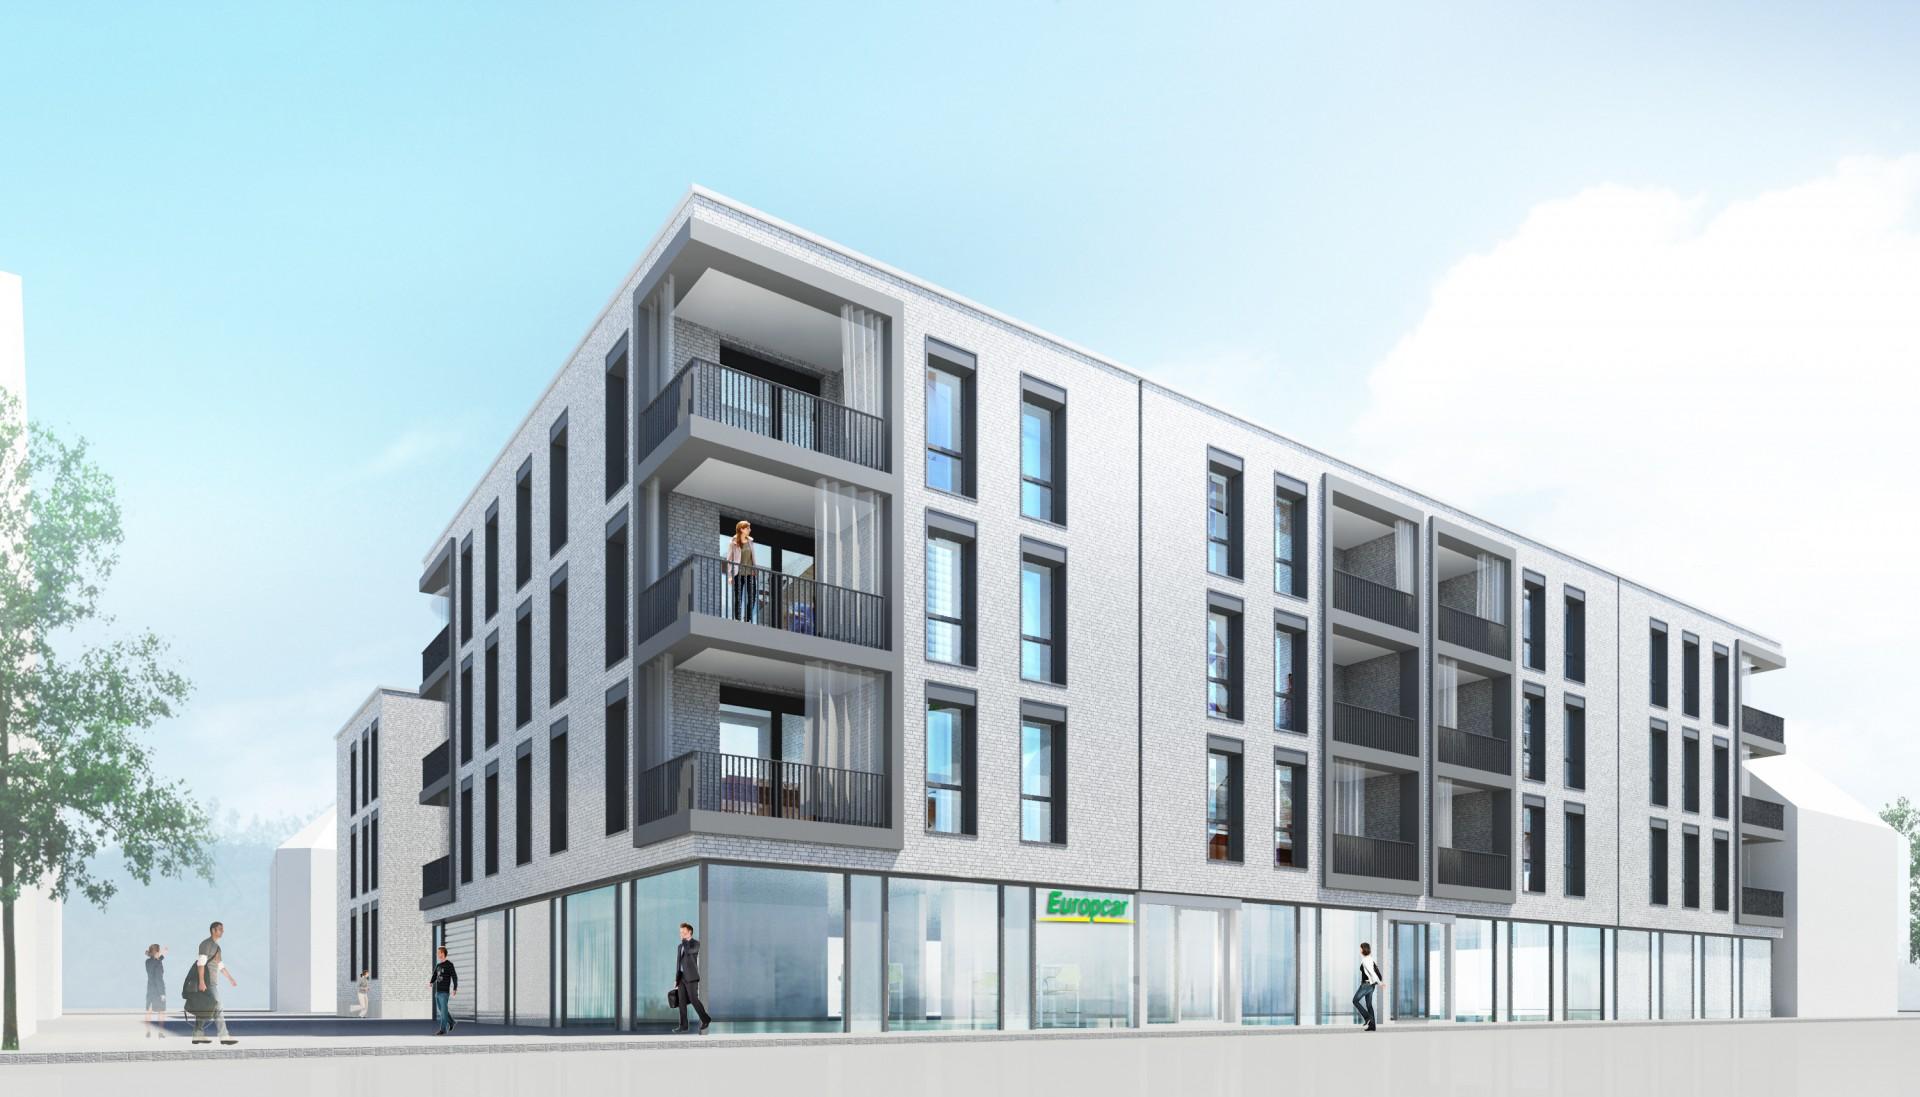 Spatenstich des neuen Wohn- & Geschäftshauses